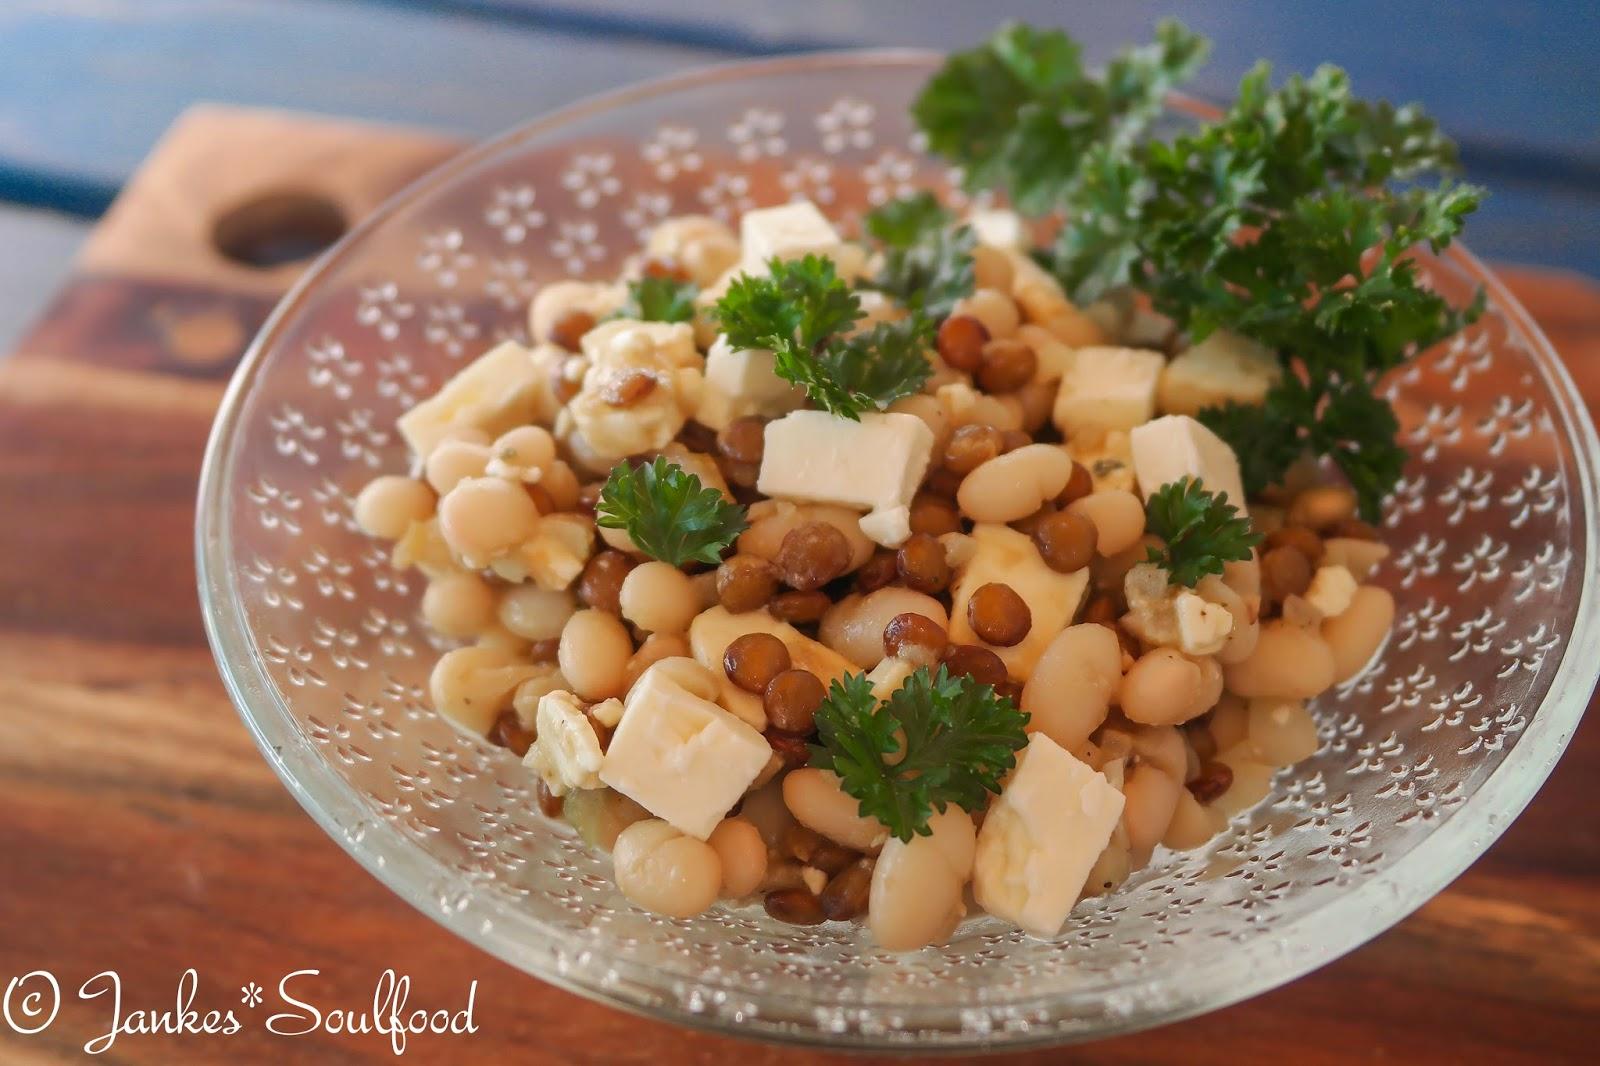 Bohnen-Linsen-Salat - Jankes*Soulfood